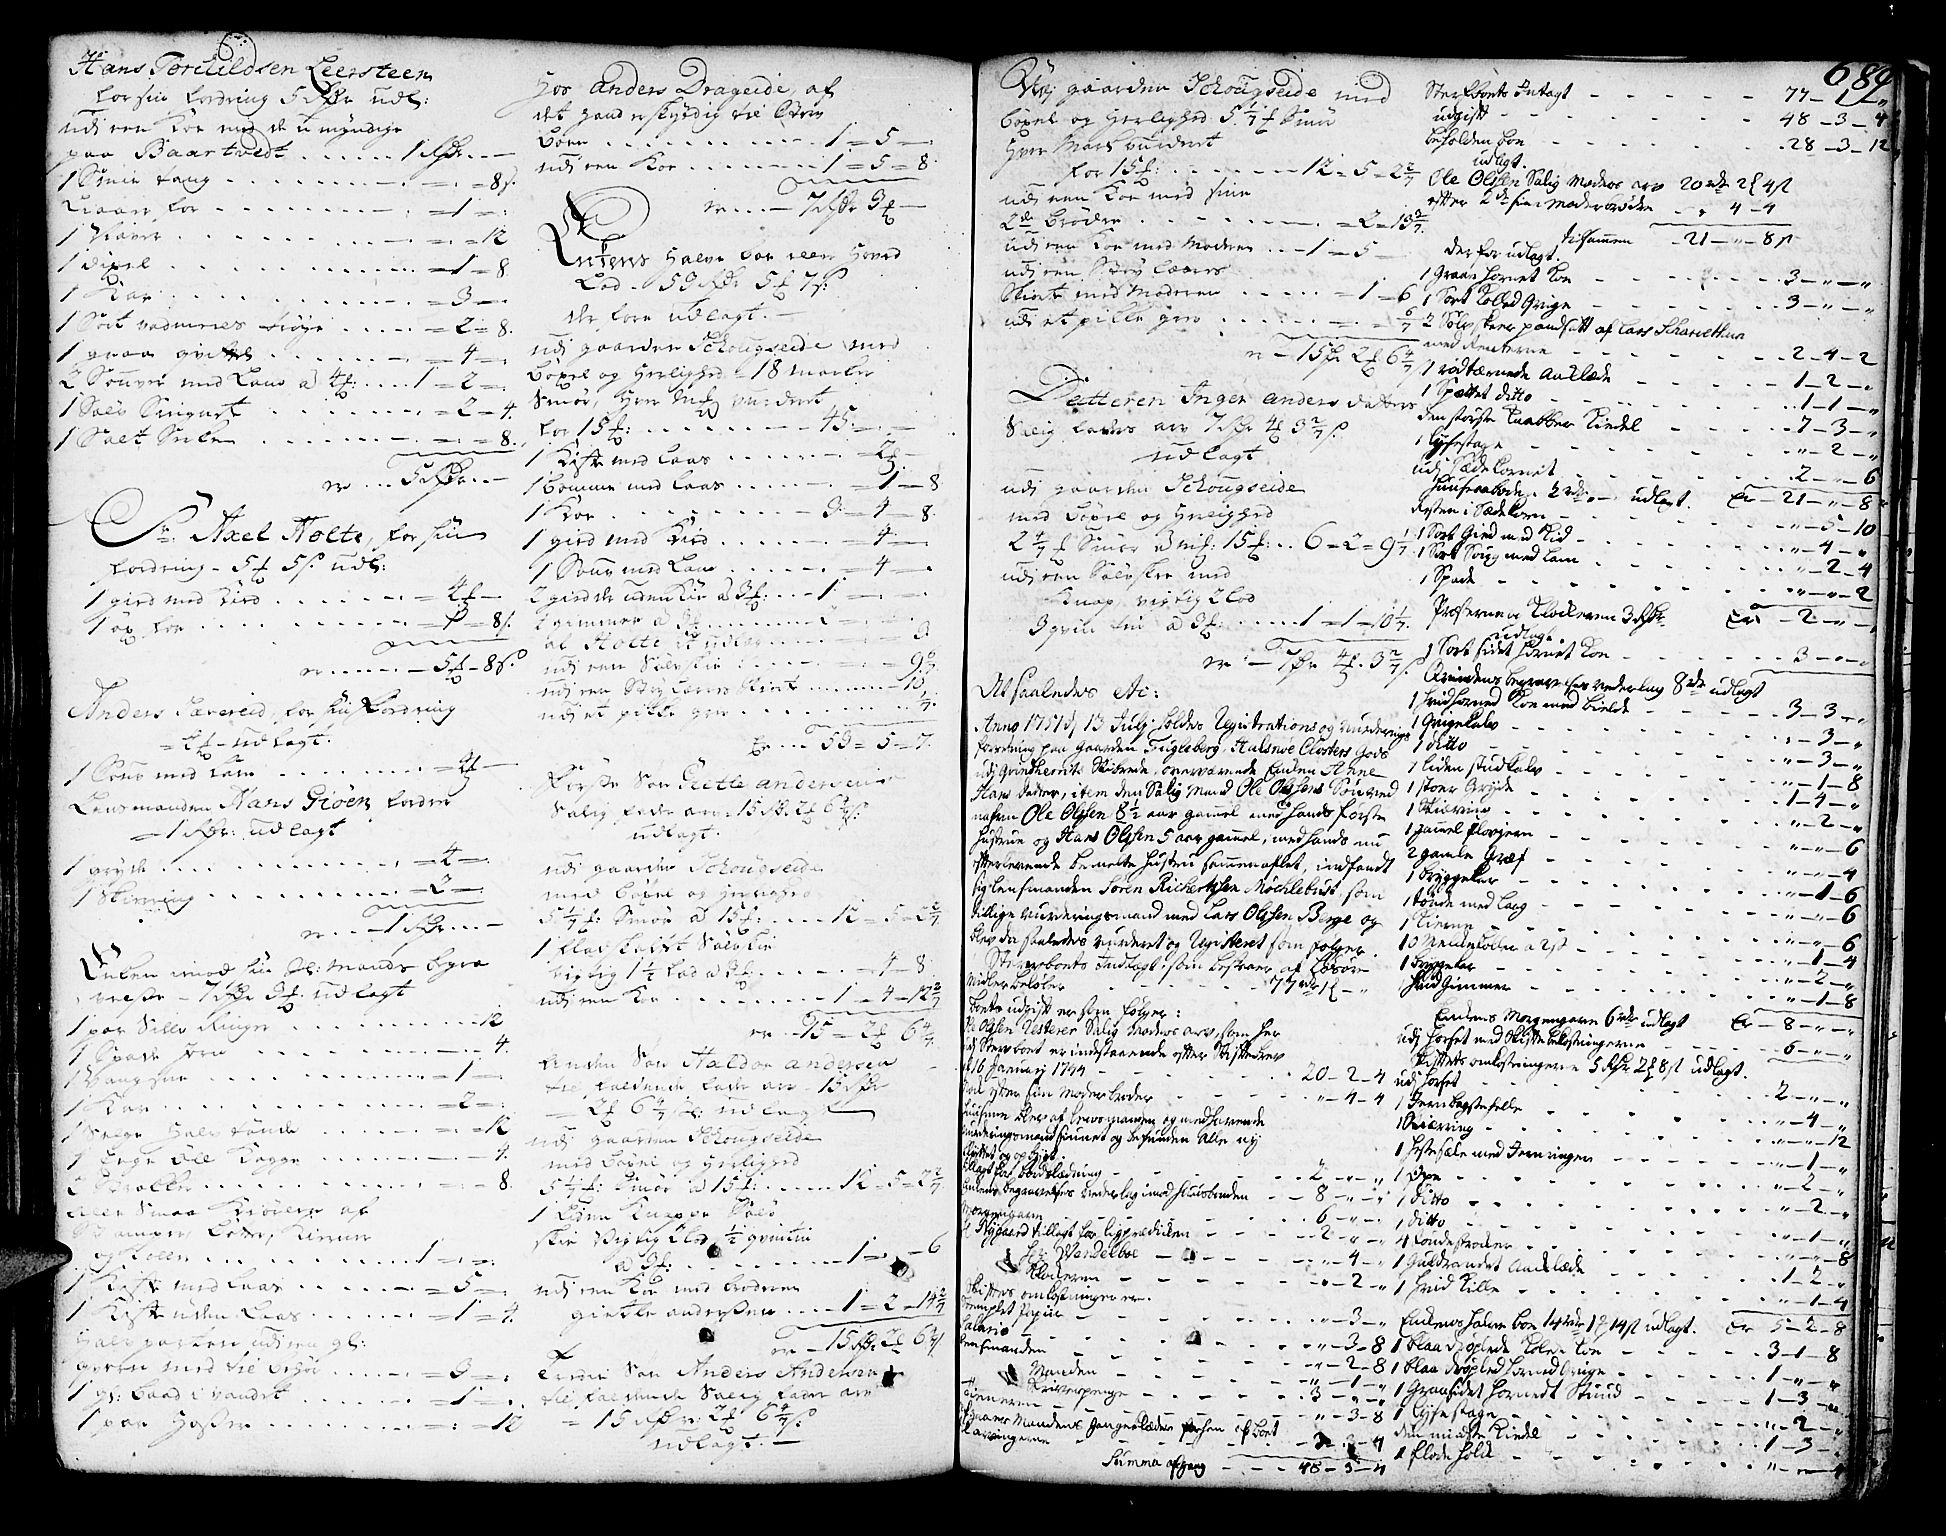 SAB, Sunnhordland sorenskrivararkiv, H/Haa/L0006: Skifteprotokollar. Register på lesesal. Fol. 1061- ut, 1749-1751, s. 688b-689a